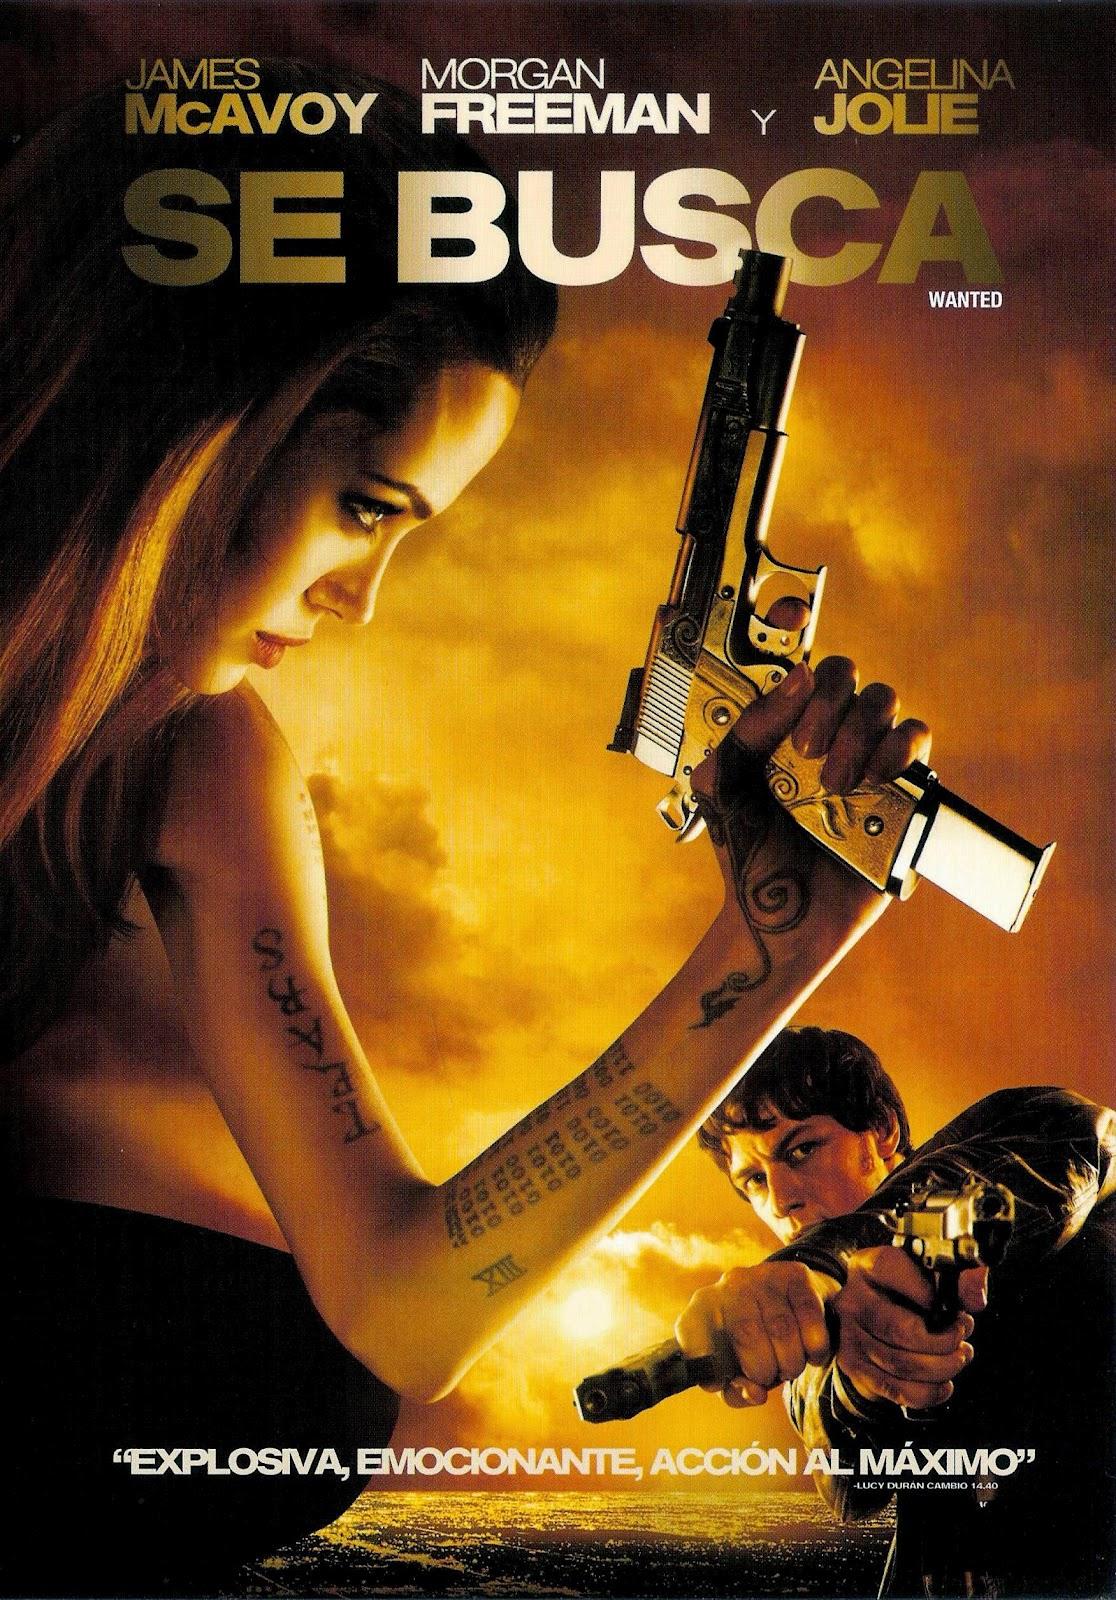 http://3.bp.blogspot.com/-_XzqpgHN1jU/UFiSNXP9eKI/AAAAAAAAAoU/8jFiV9f-ekE/s1600/se-busca-poster.jpg